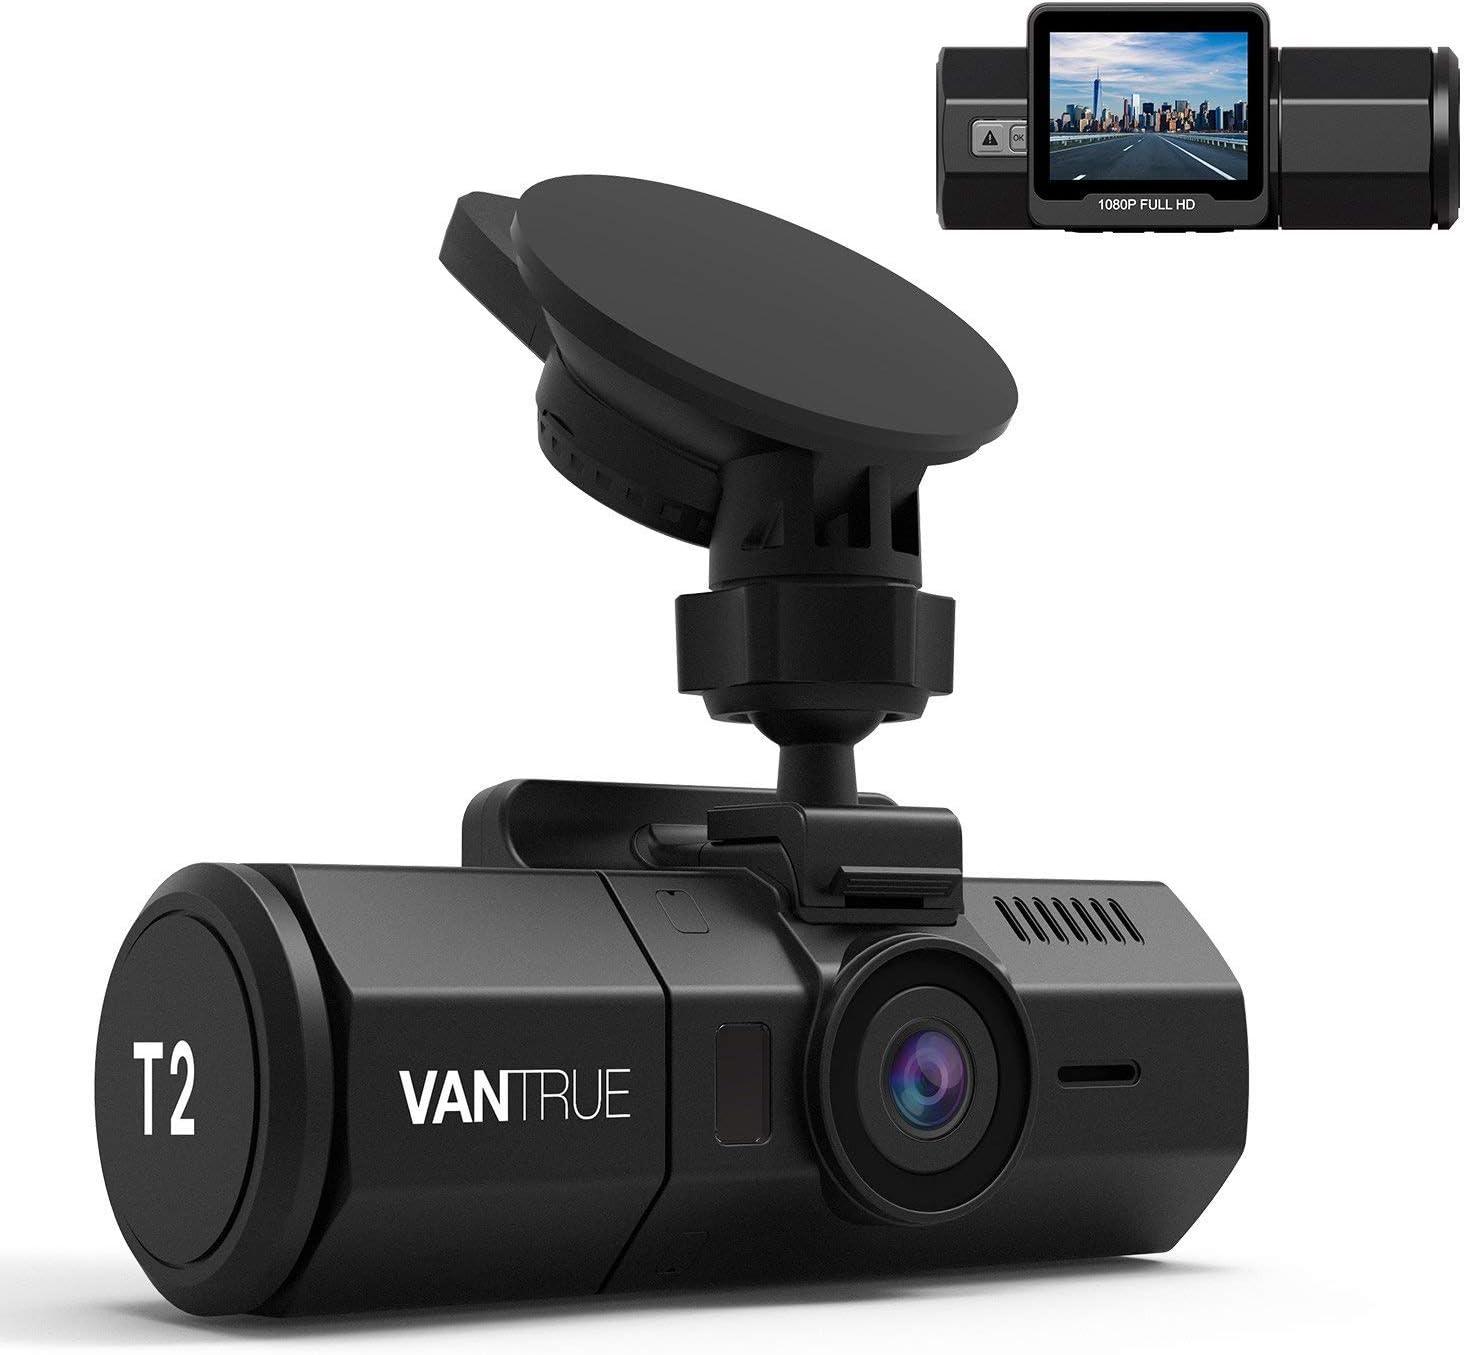 VANTRUE T2 Dashcam 1080P Condenser FHD, 24/7 OBD Microondas Monitoreo de estacionamiento Cámara para automóvil, Sony Sensor HDR Cámara de visión nocturna, de 160 ° 2 pulgadas para , Máx. 256 GB